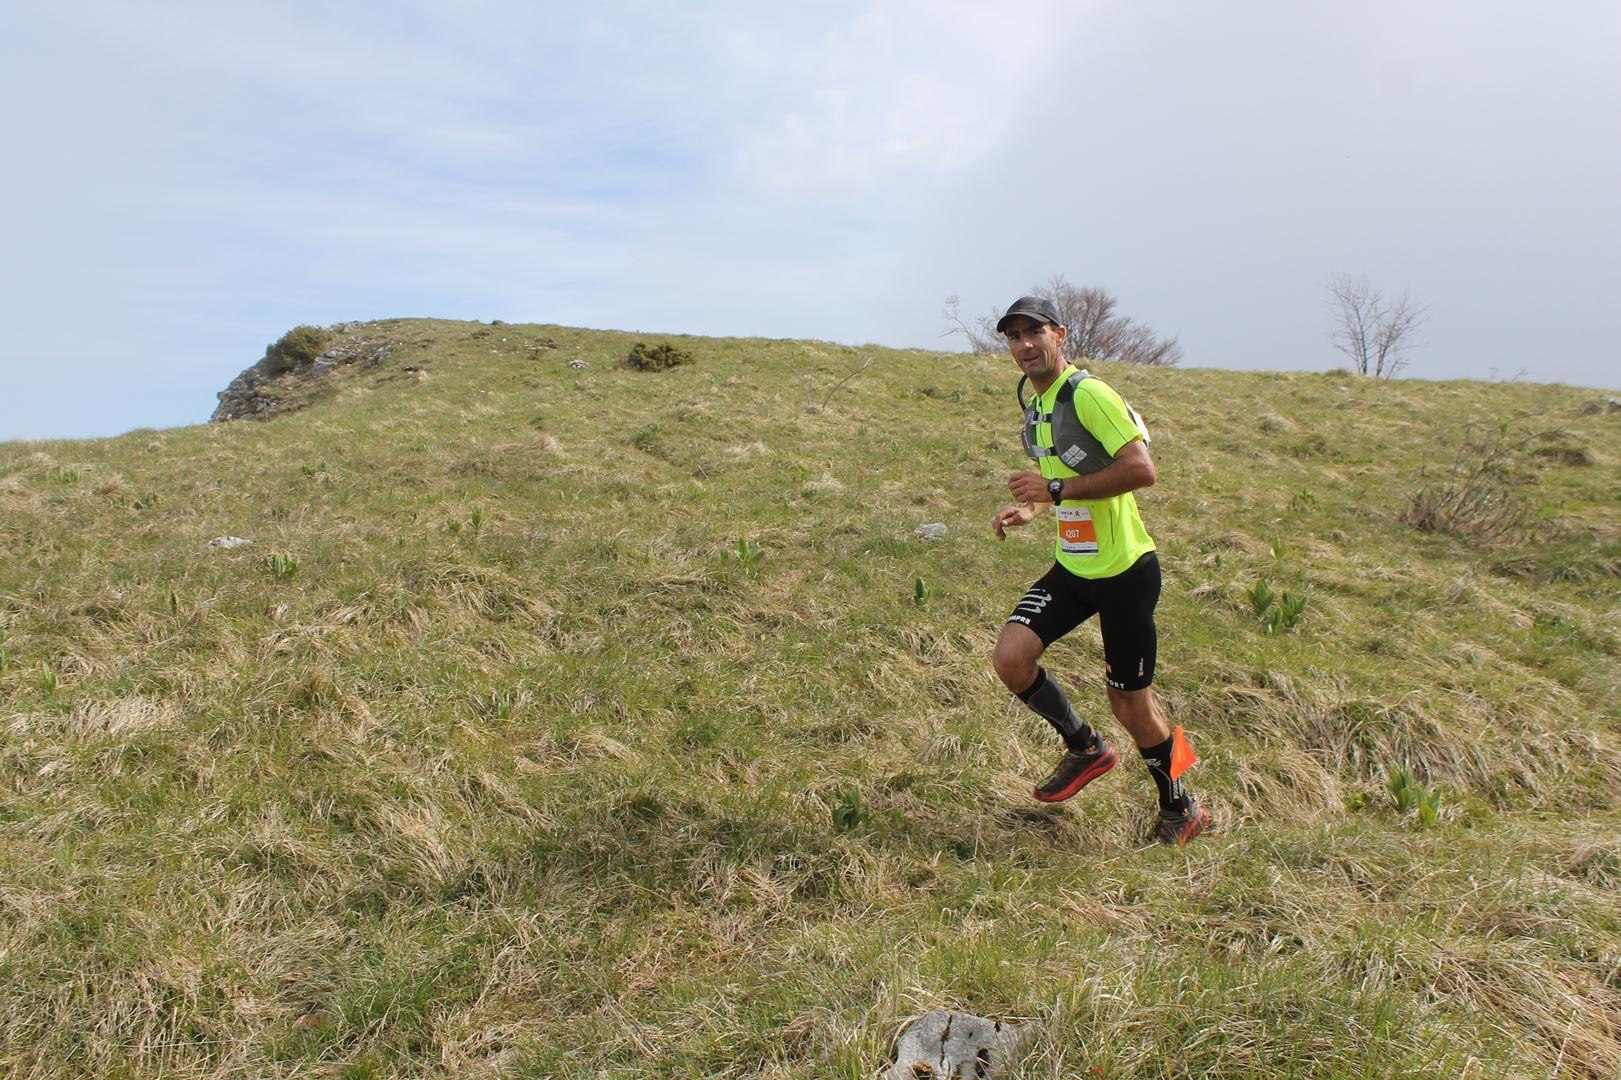 tête de course sur le 40km - RESULTATS ET PHOTOS DU TRAIL BE RUN - DUINGT (74)-AIX LES BAINS (73) - 14-05-2017